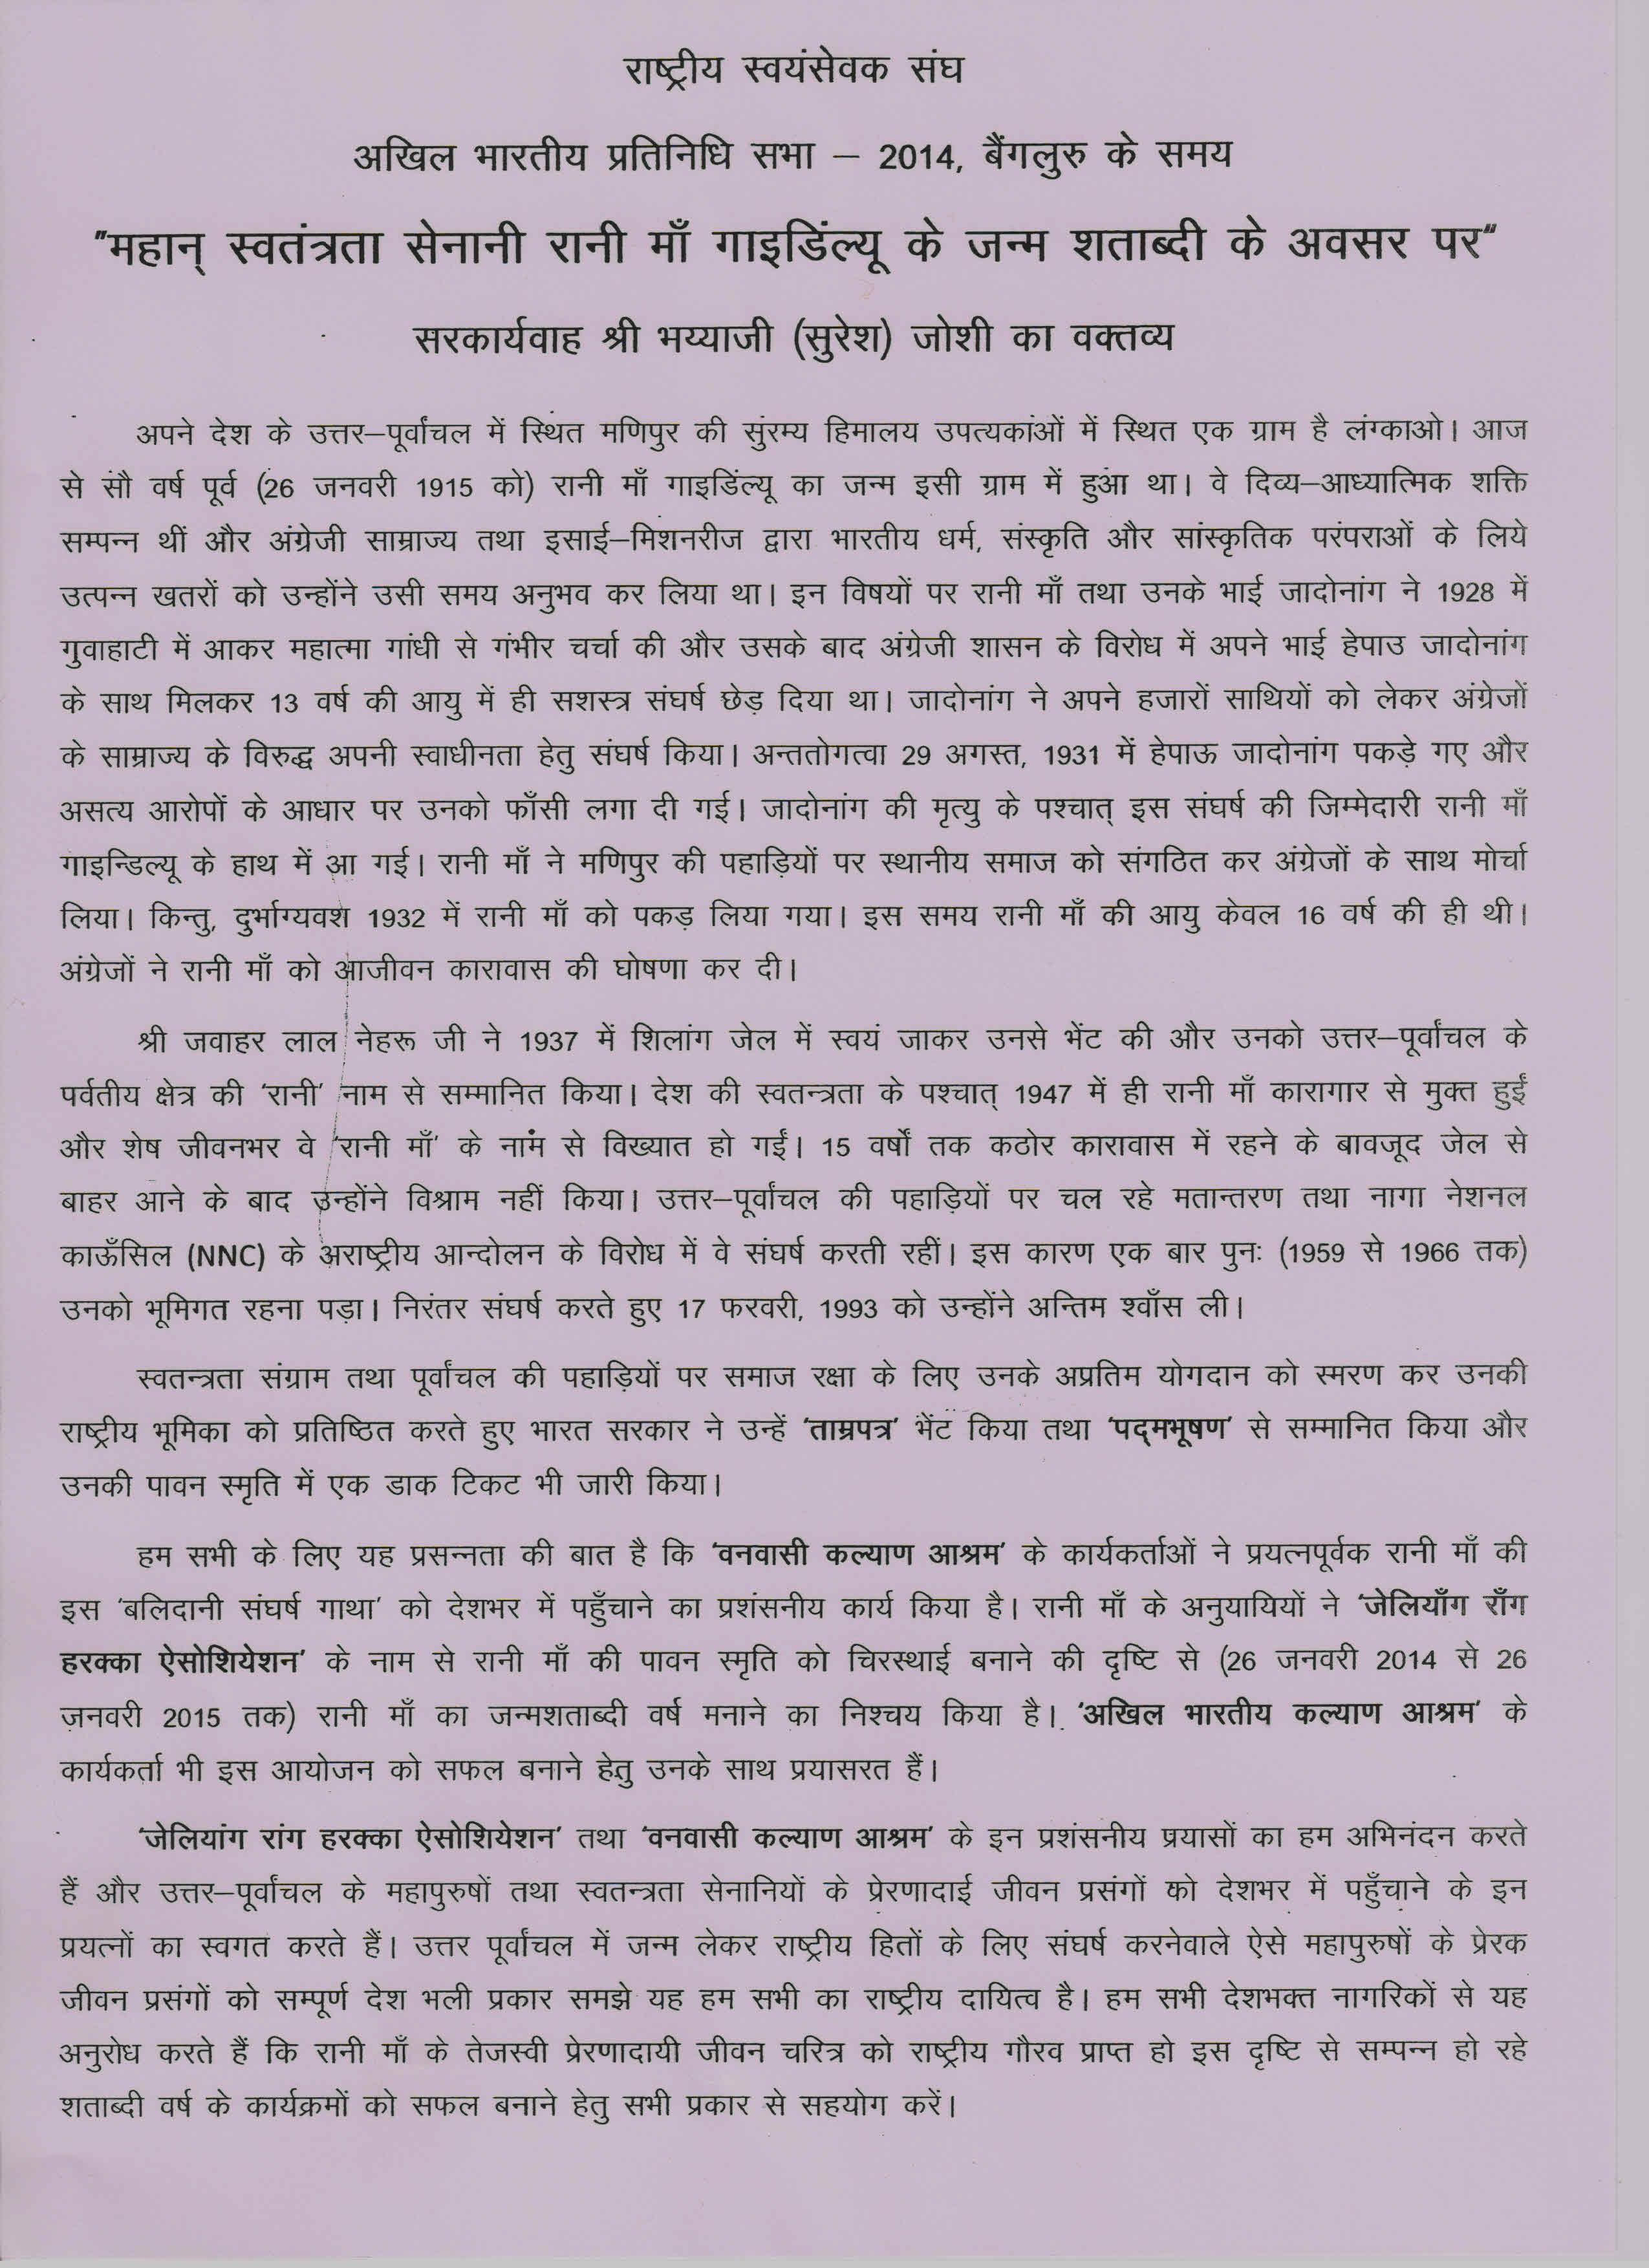 वक्तव्य – 2: RSS सरकार्यवाह भय्याजी जोशी द्वारा प्रसारित वक्तव्य